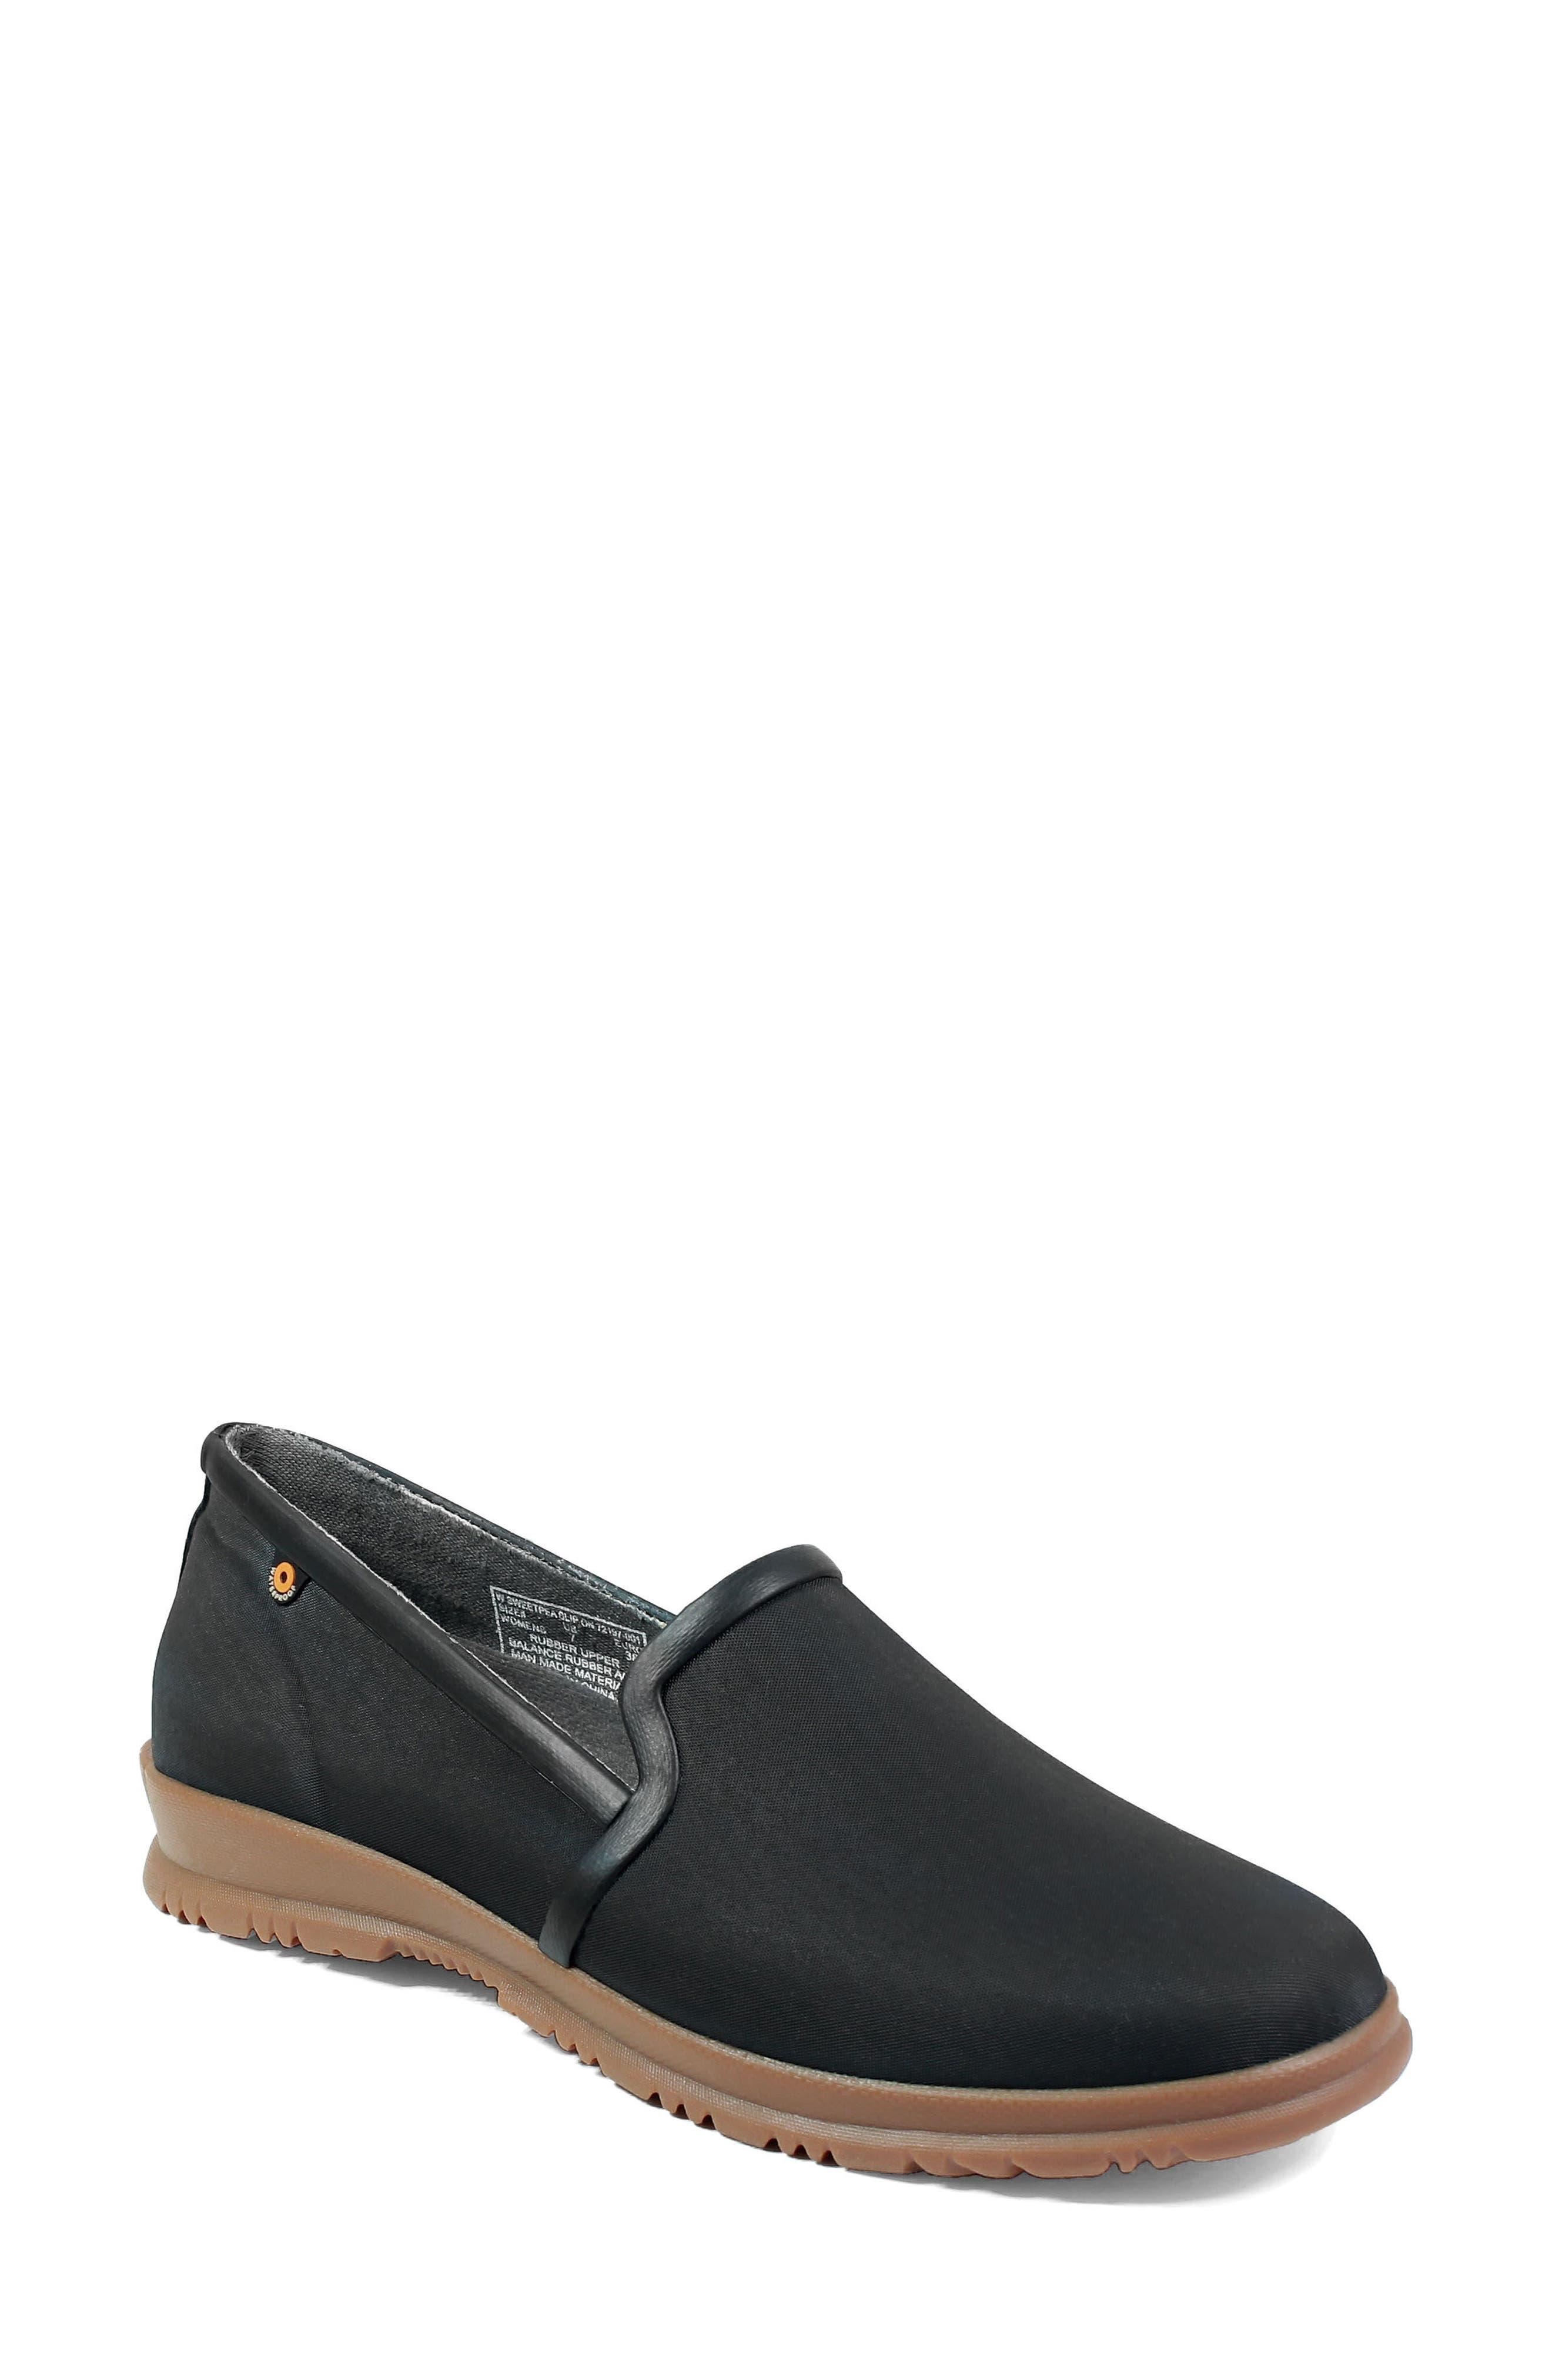 Sweetpea Waterproof Slip-On Sneaker,                         Main,                         color, BLACK FABRIC